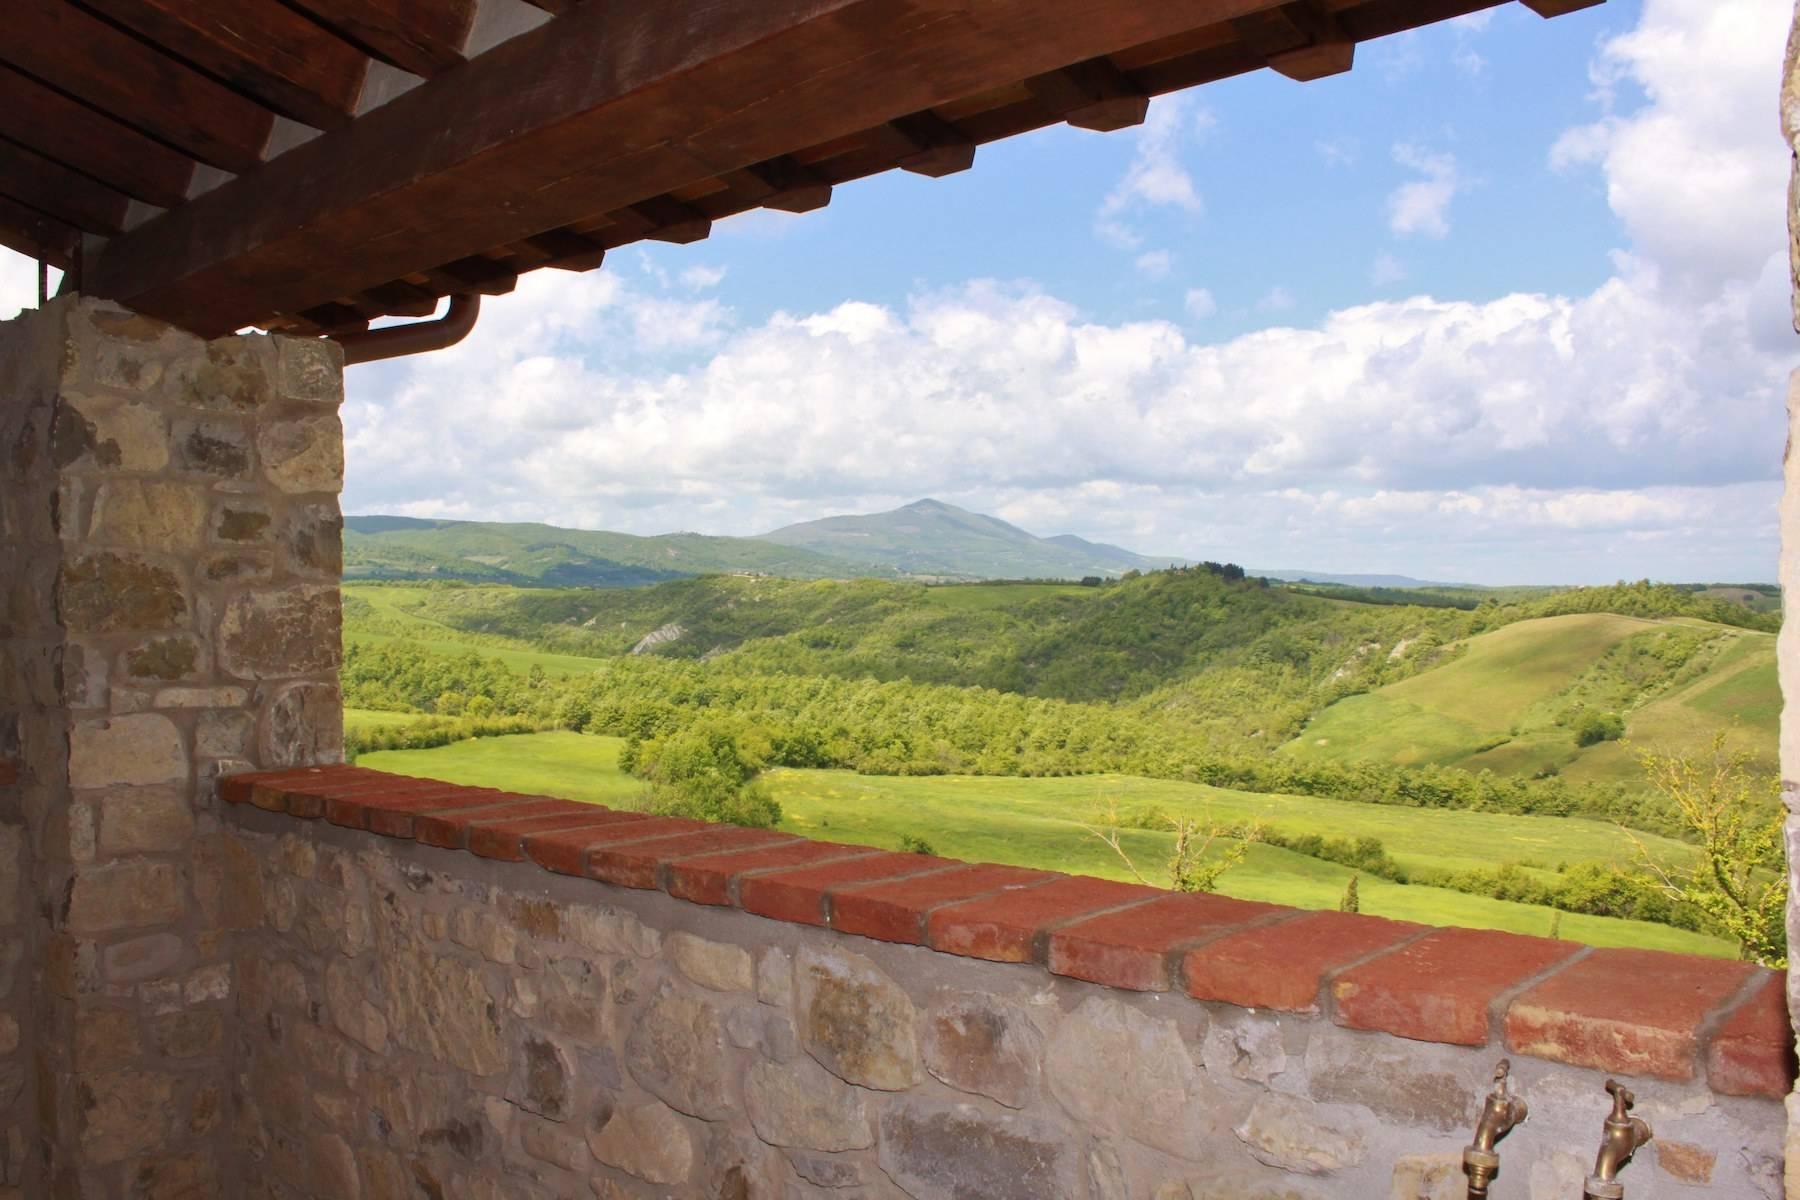 Rustico in Vendita a Fabro: 5 locali, 450 mq - Foto 20